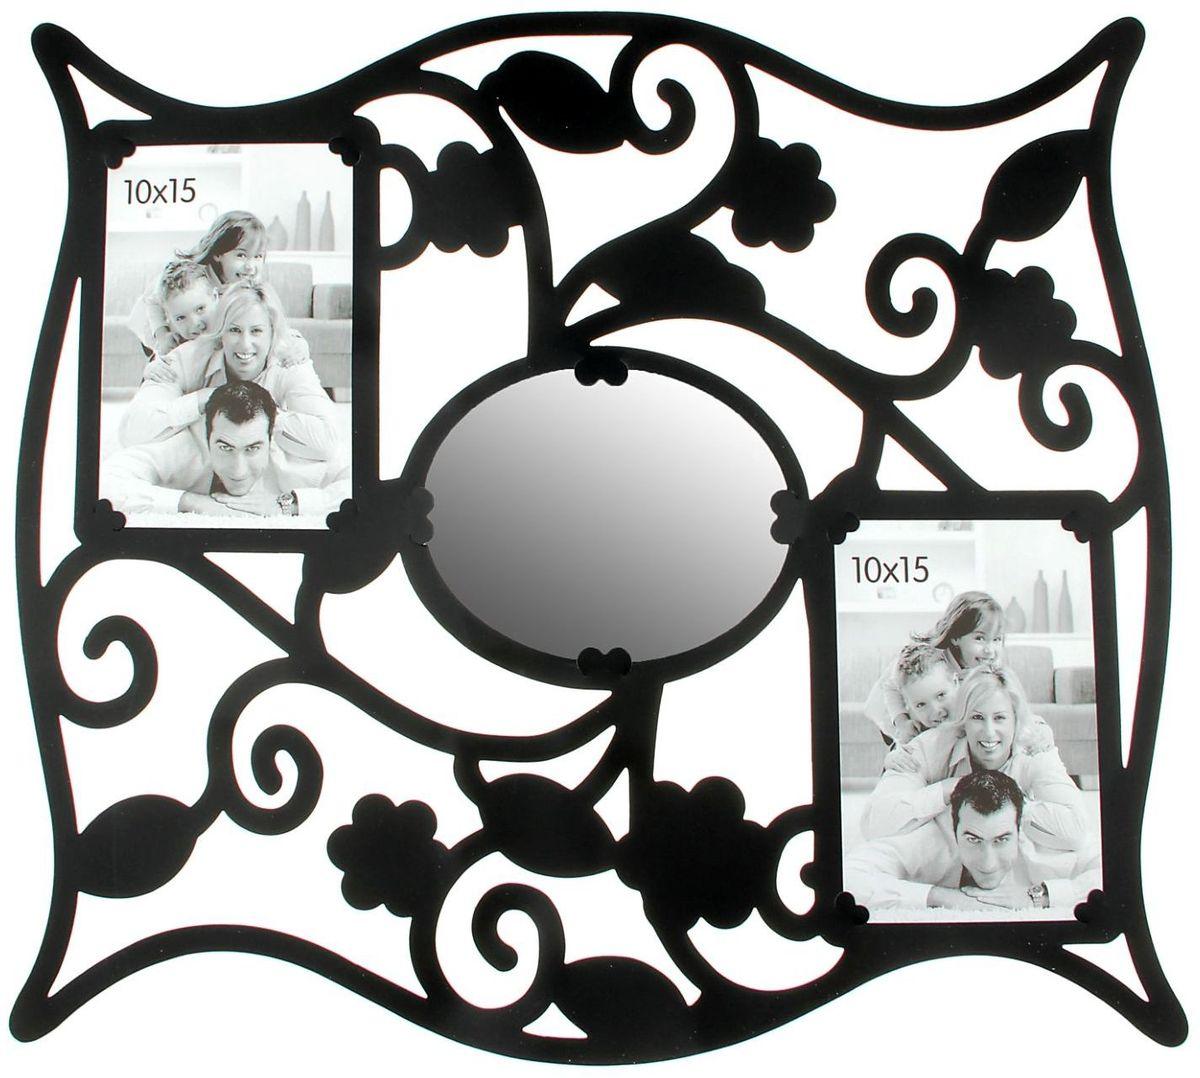 Room Decor Наклейка-фоторамка интерьерная с зеркалом Цветочки